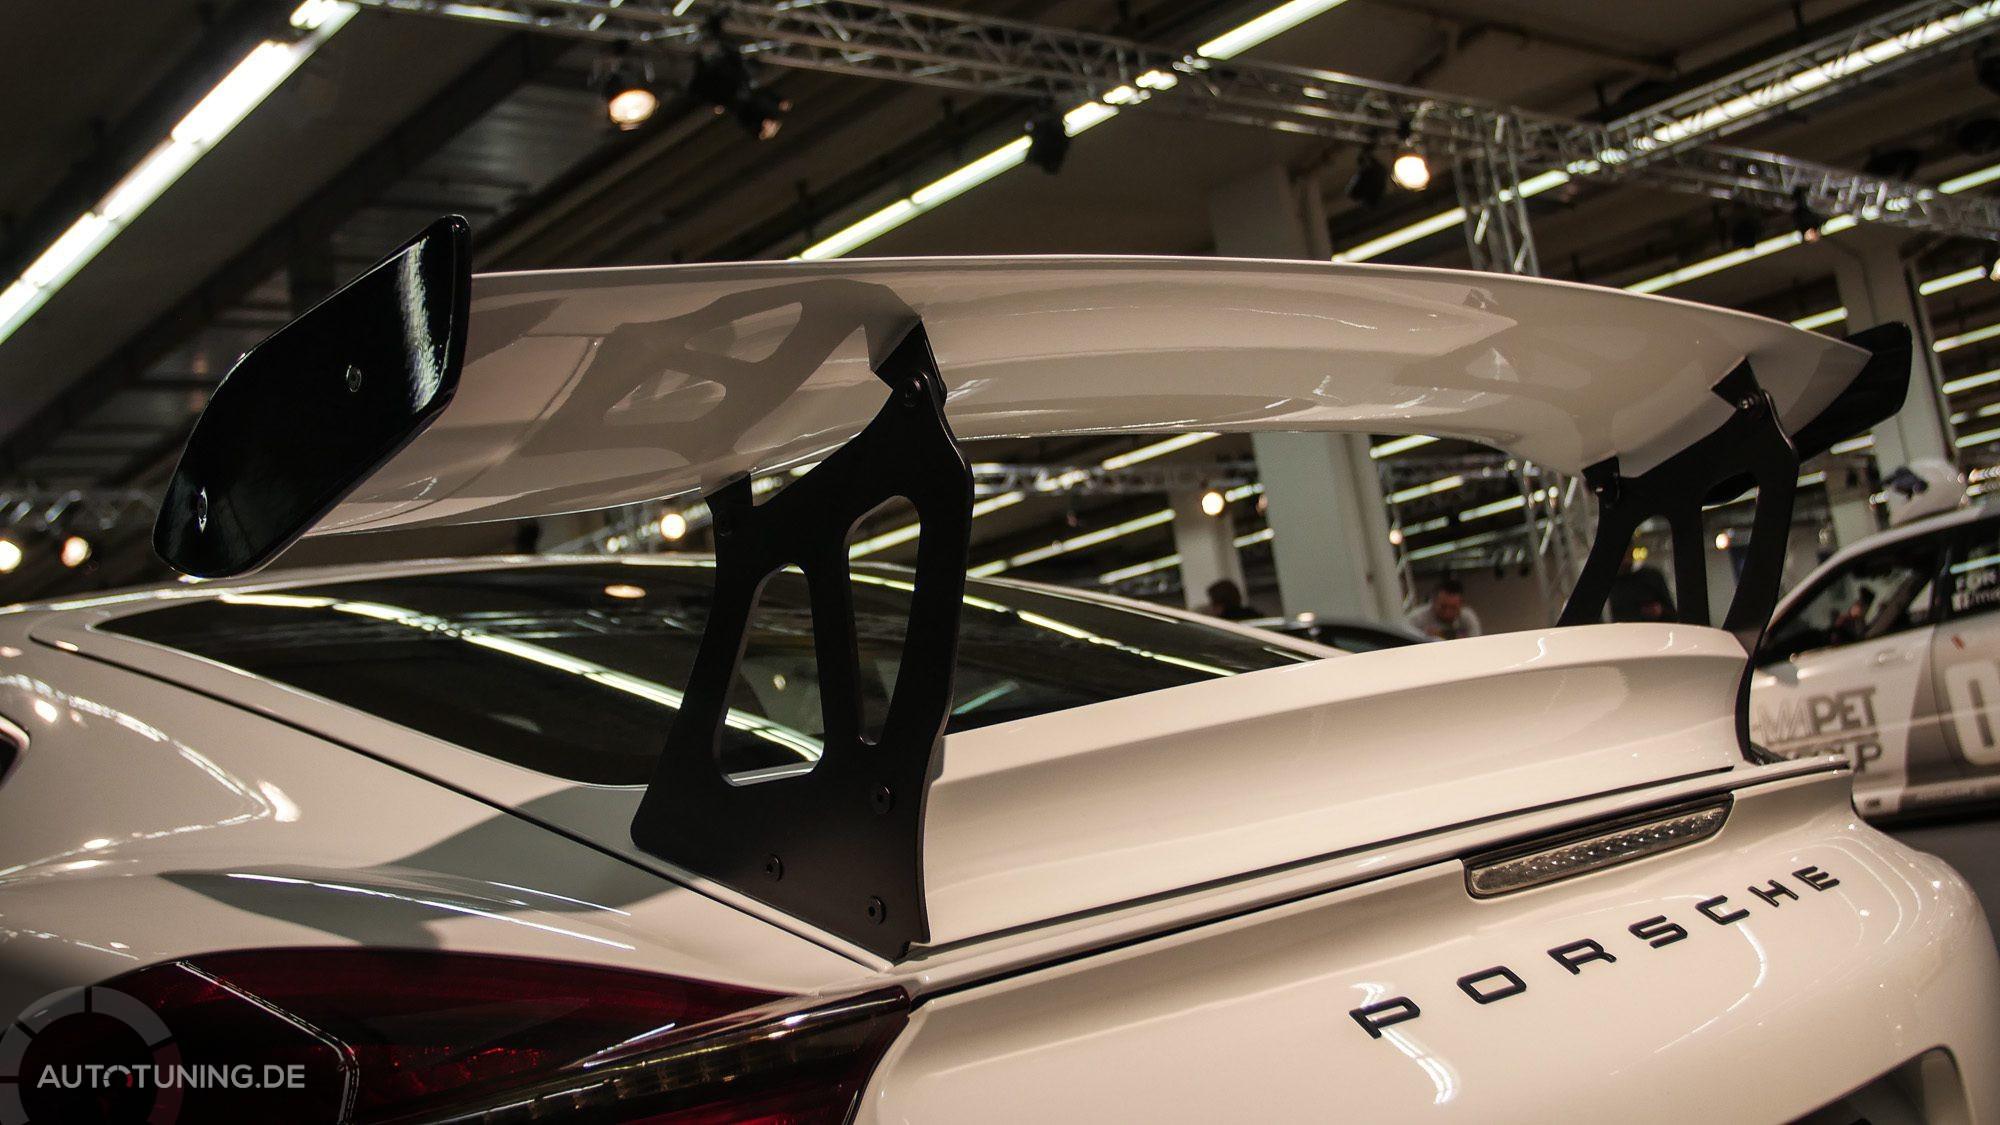 Heckspoiler an einem weißen Porsche